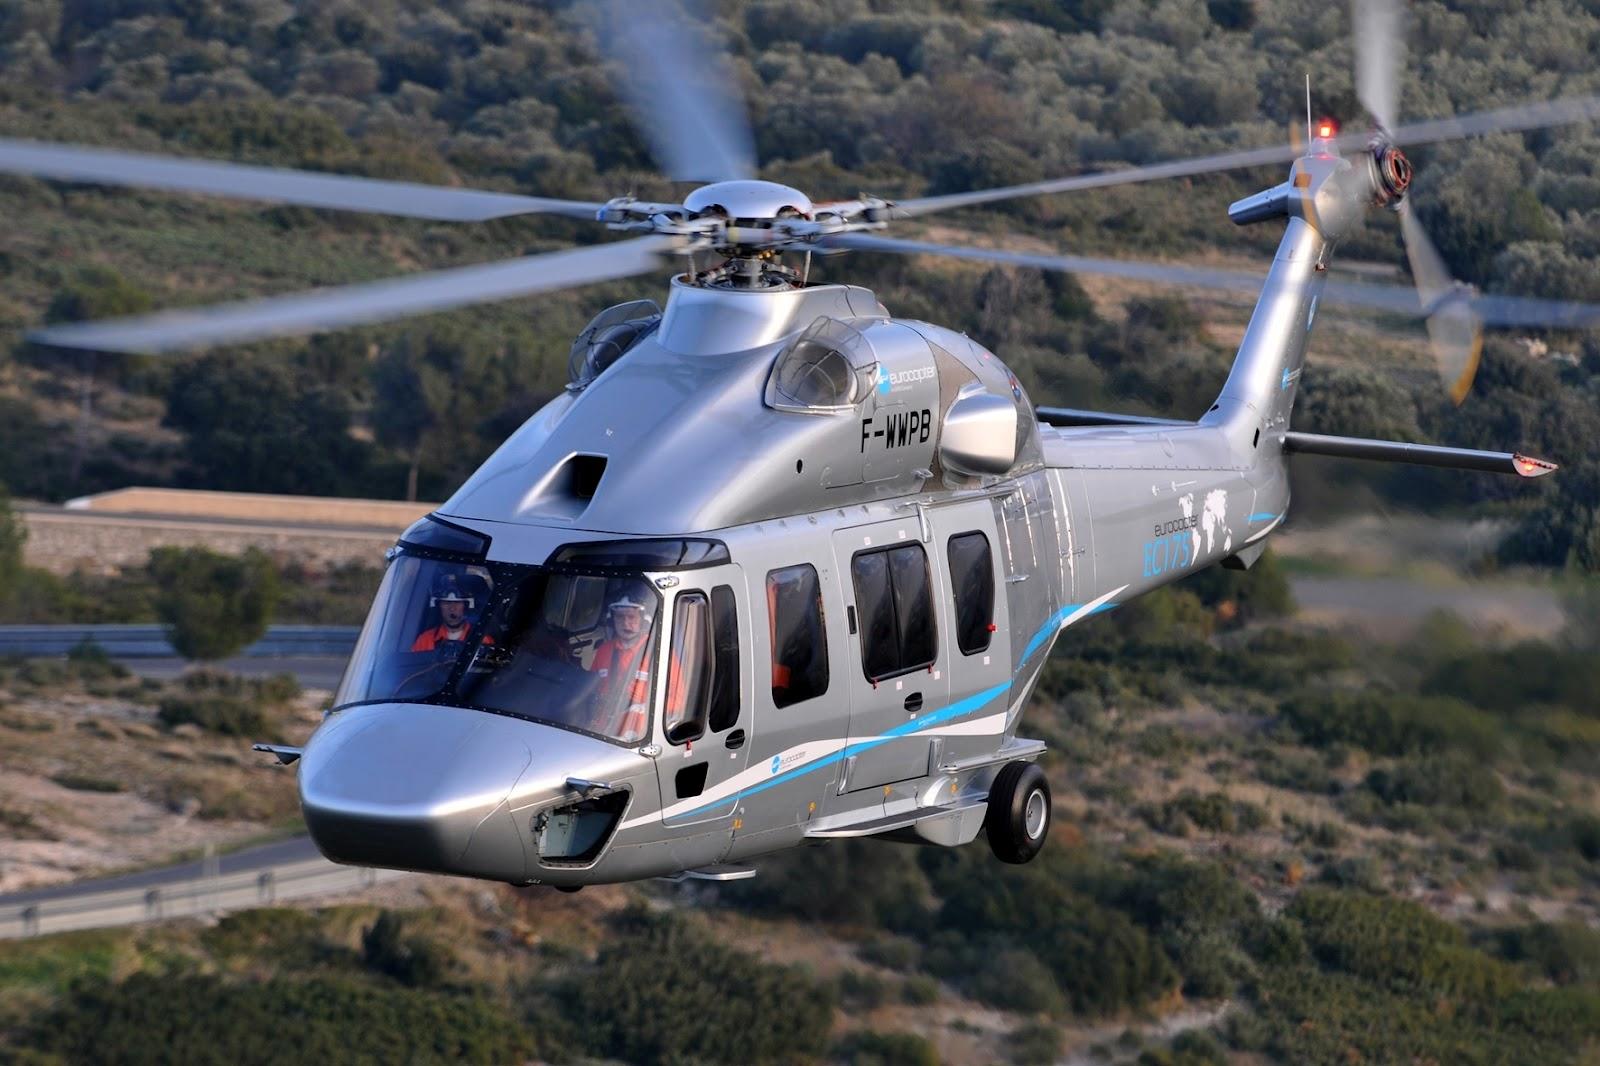 http://3.bp.blogspot.com/-Eu3zkwQ_5lA/Ty6DuCRh9GI/AAAAAAAAHek/VXHkirAEDKw/s1600/eurocopter_ec175.jpg